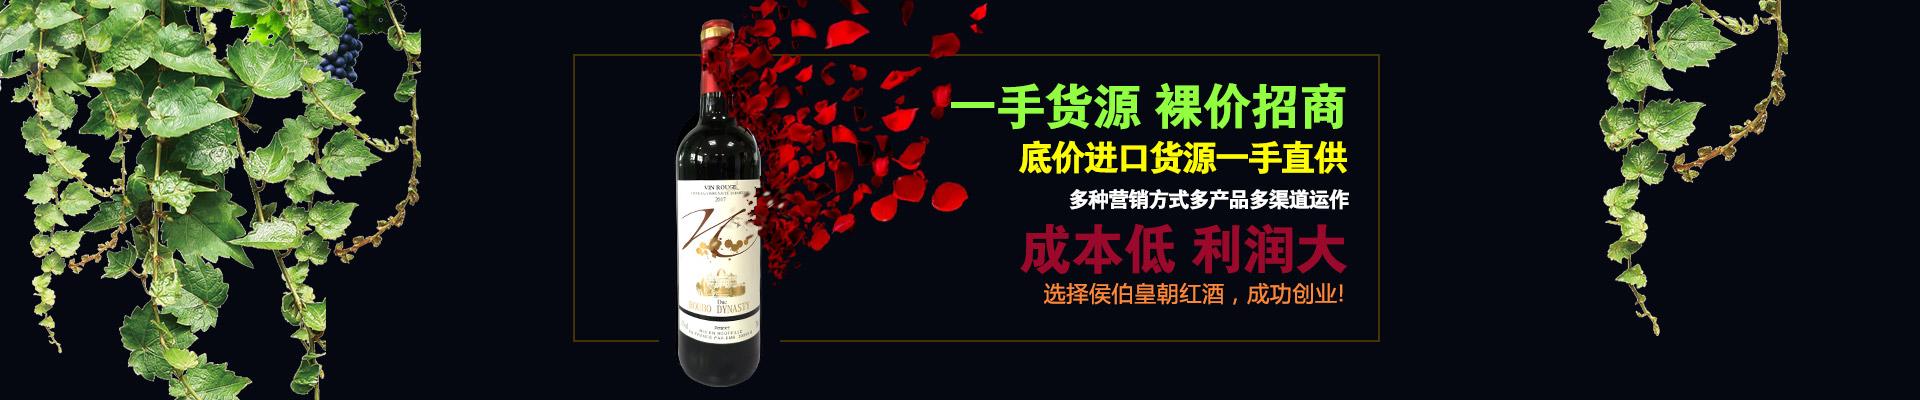 侯伯皇朝国际贸易(洛阳)有限公司